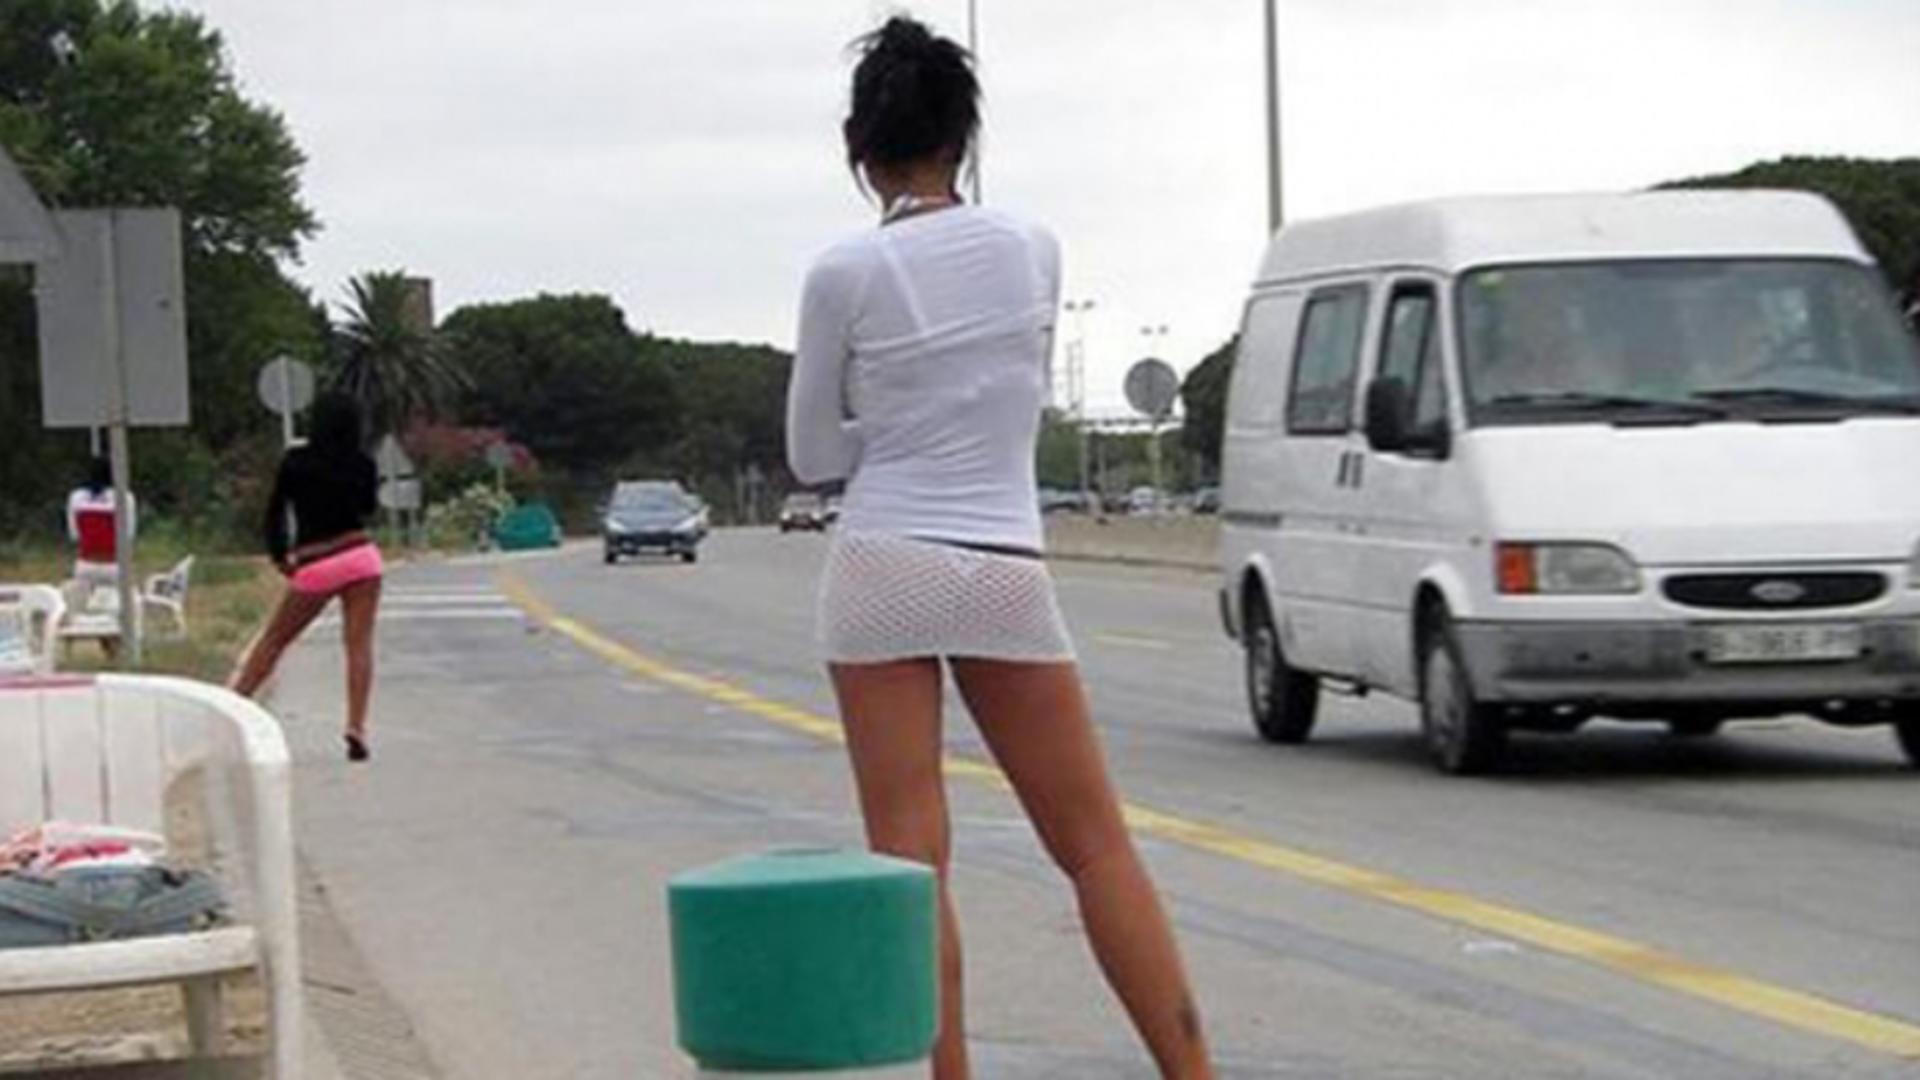 Prostituate pe marginea drumului (foto ilustrativ)